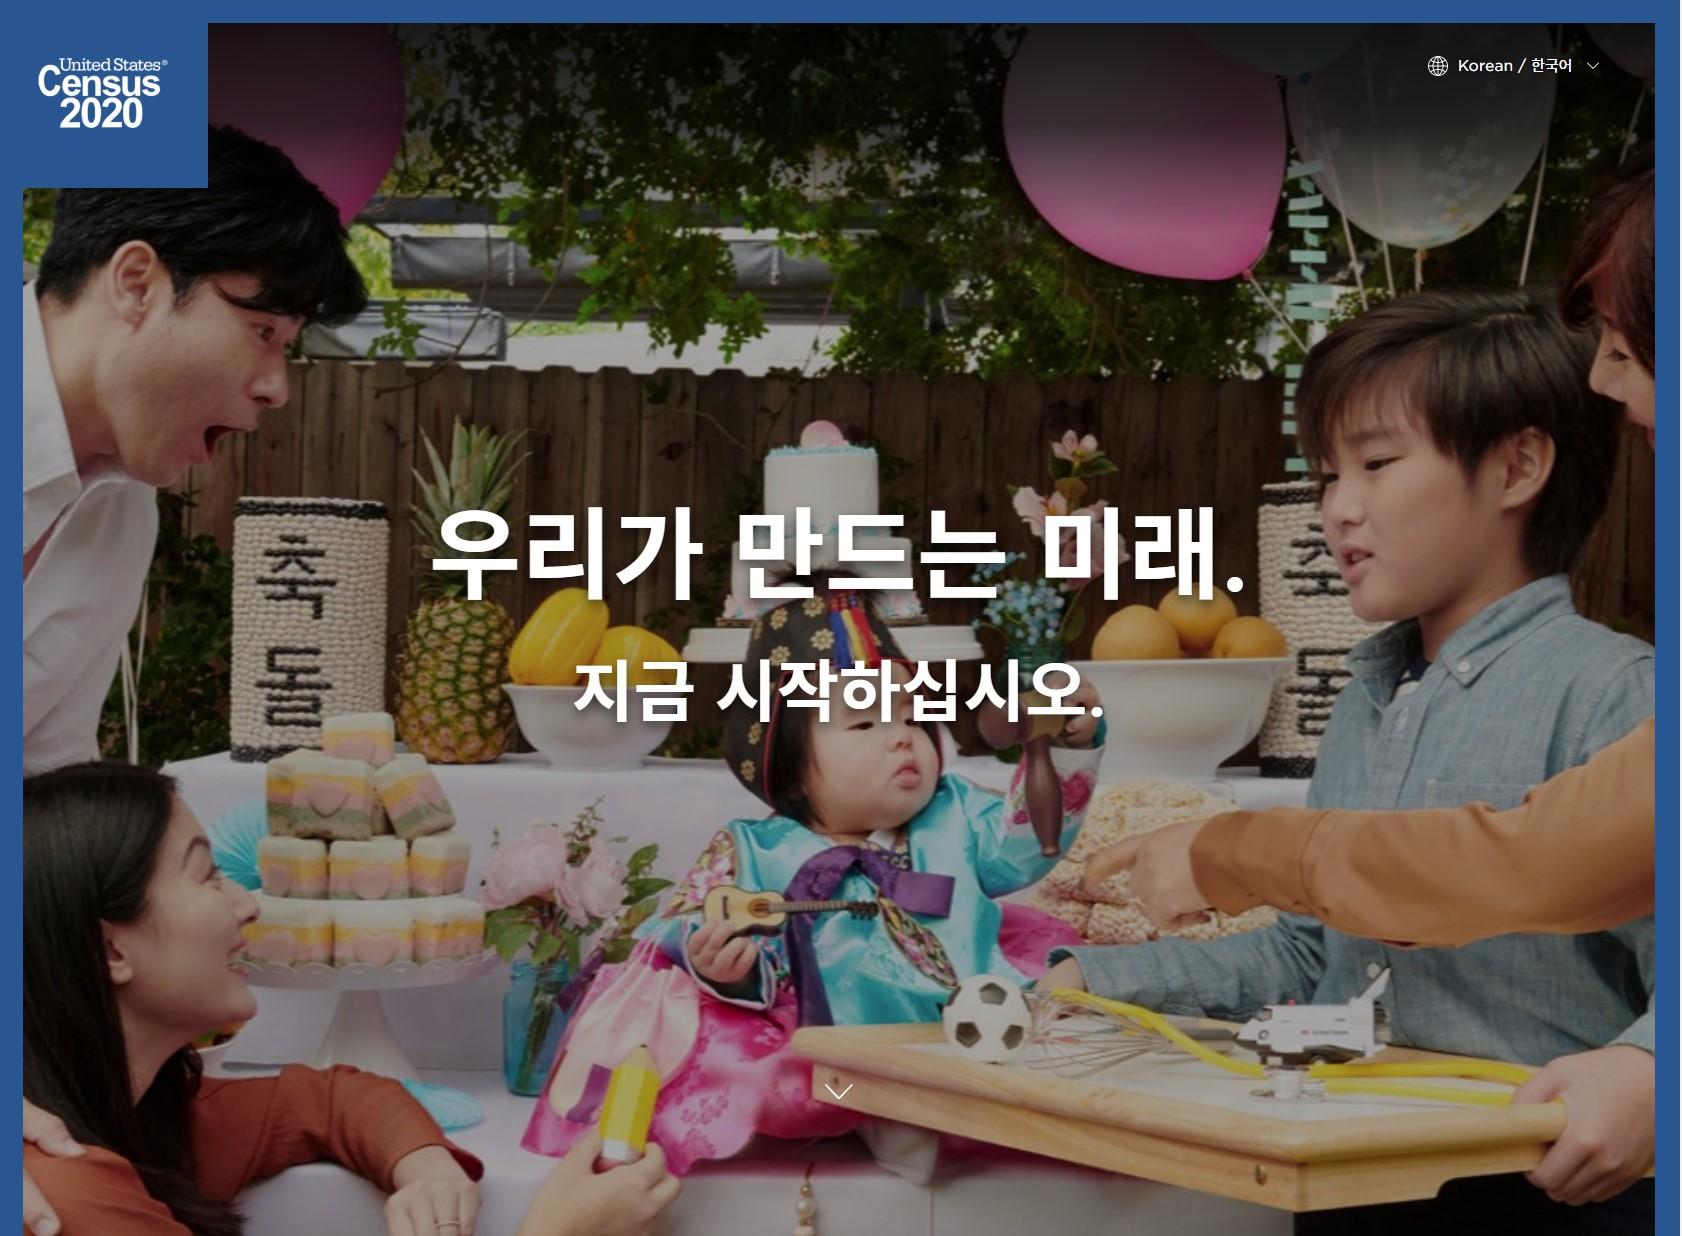 미 인구조사국 한국어 홈페이지 사진 갈무리.